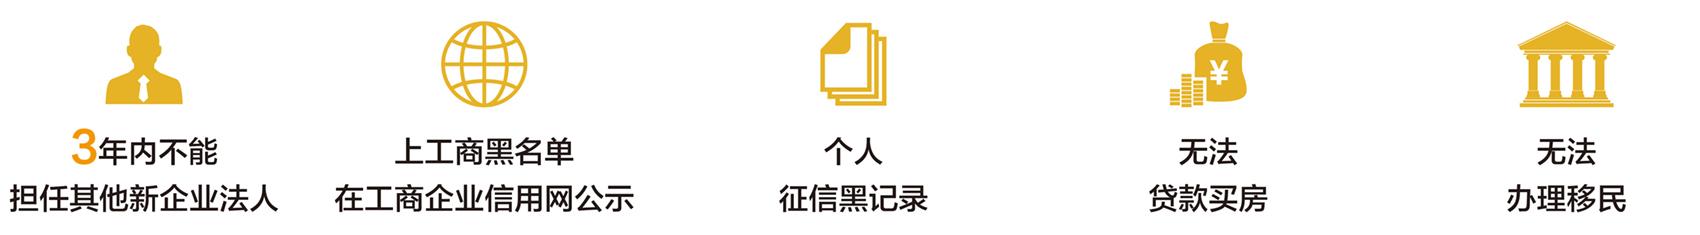 公司注销-01_03.jpg